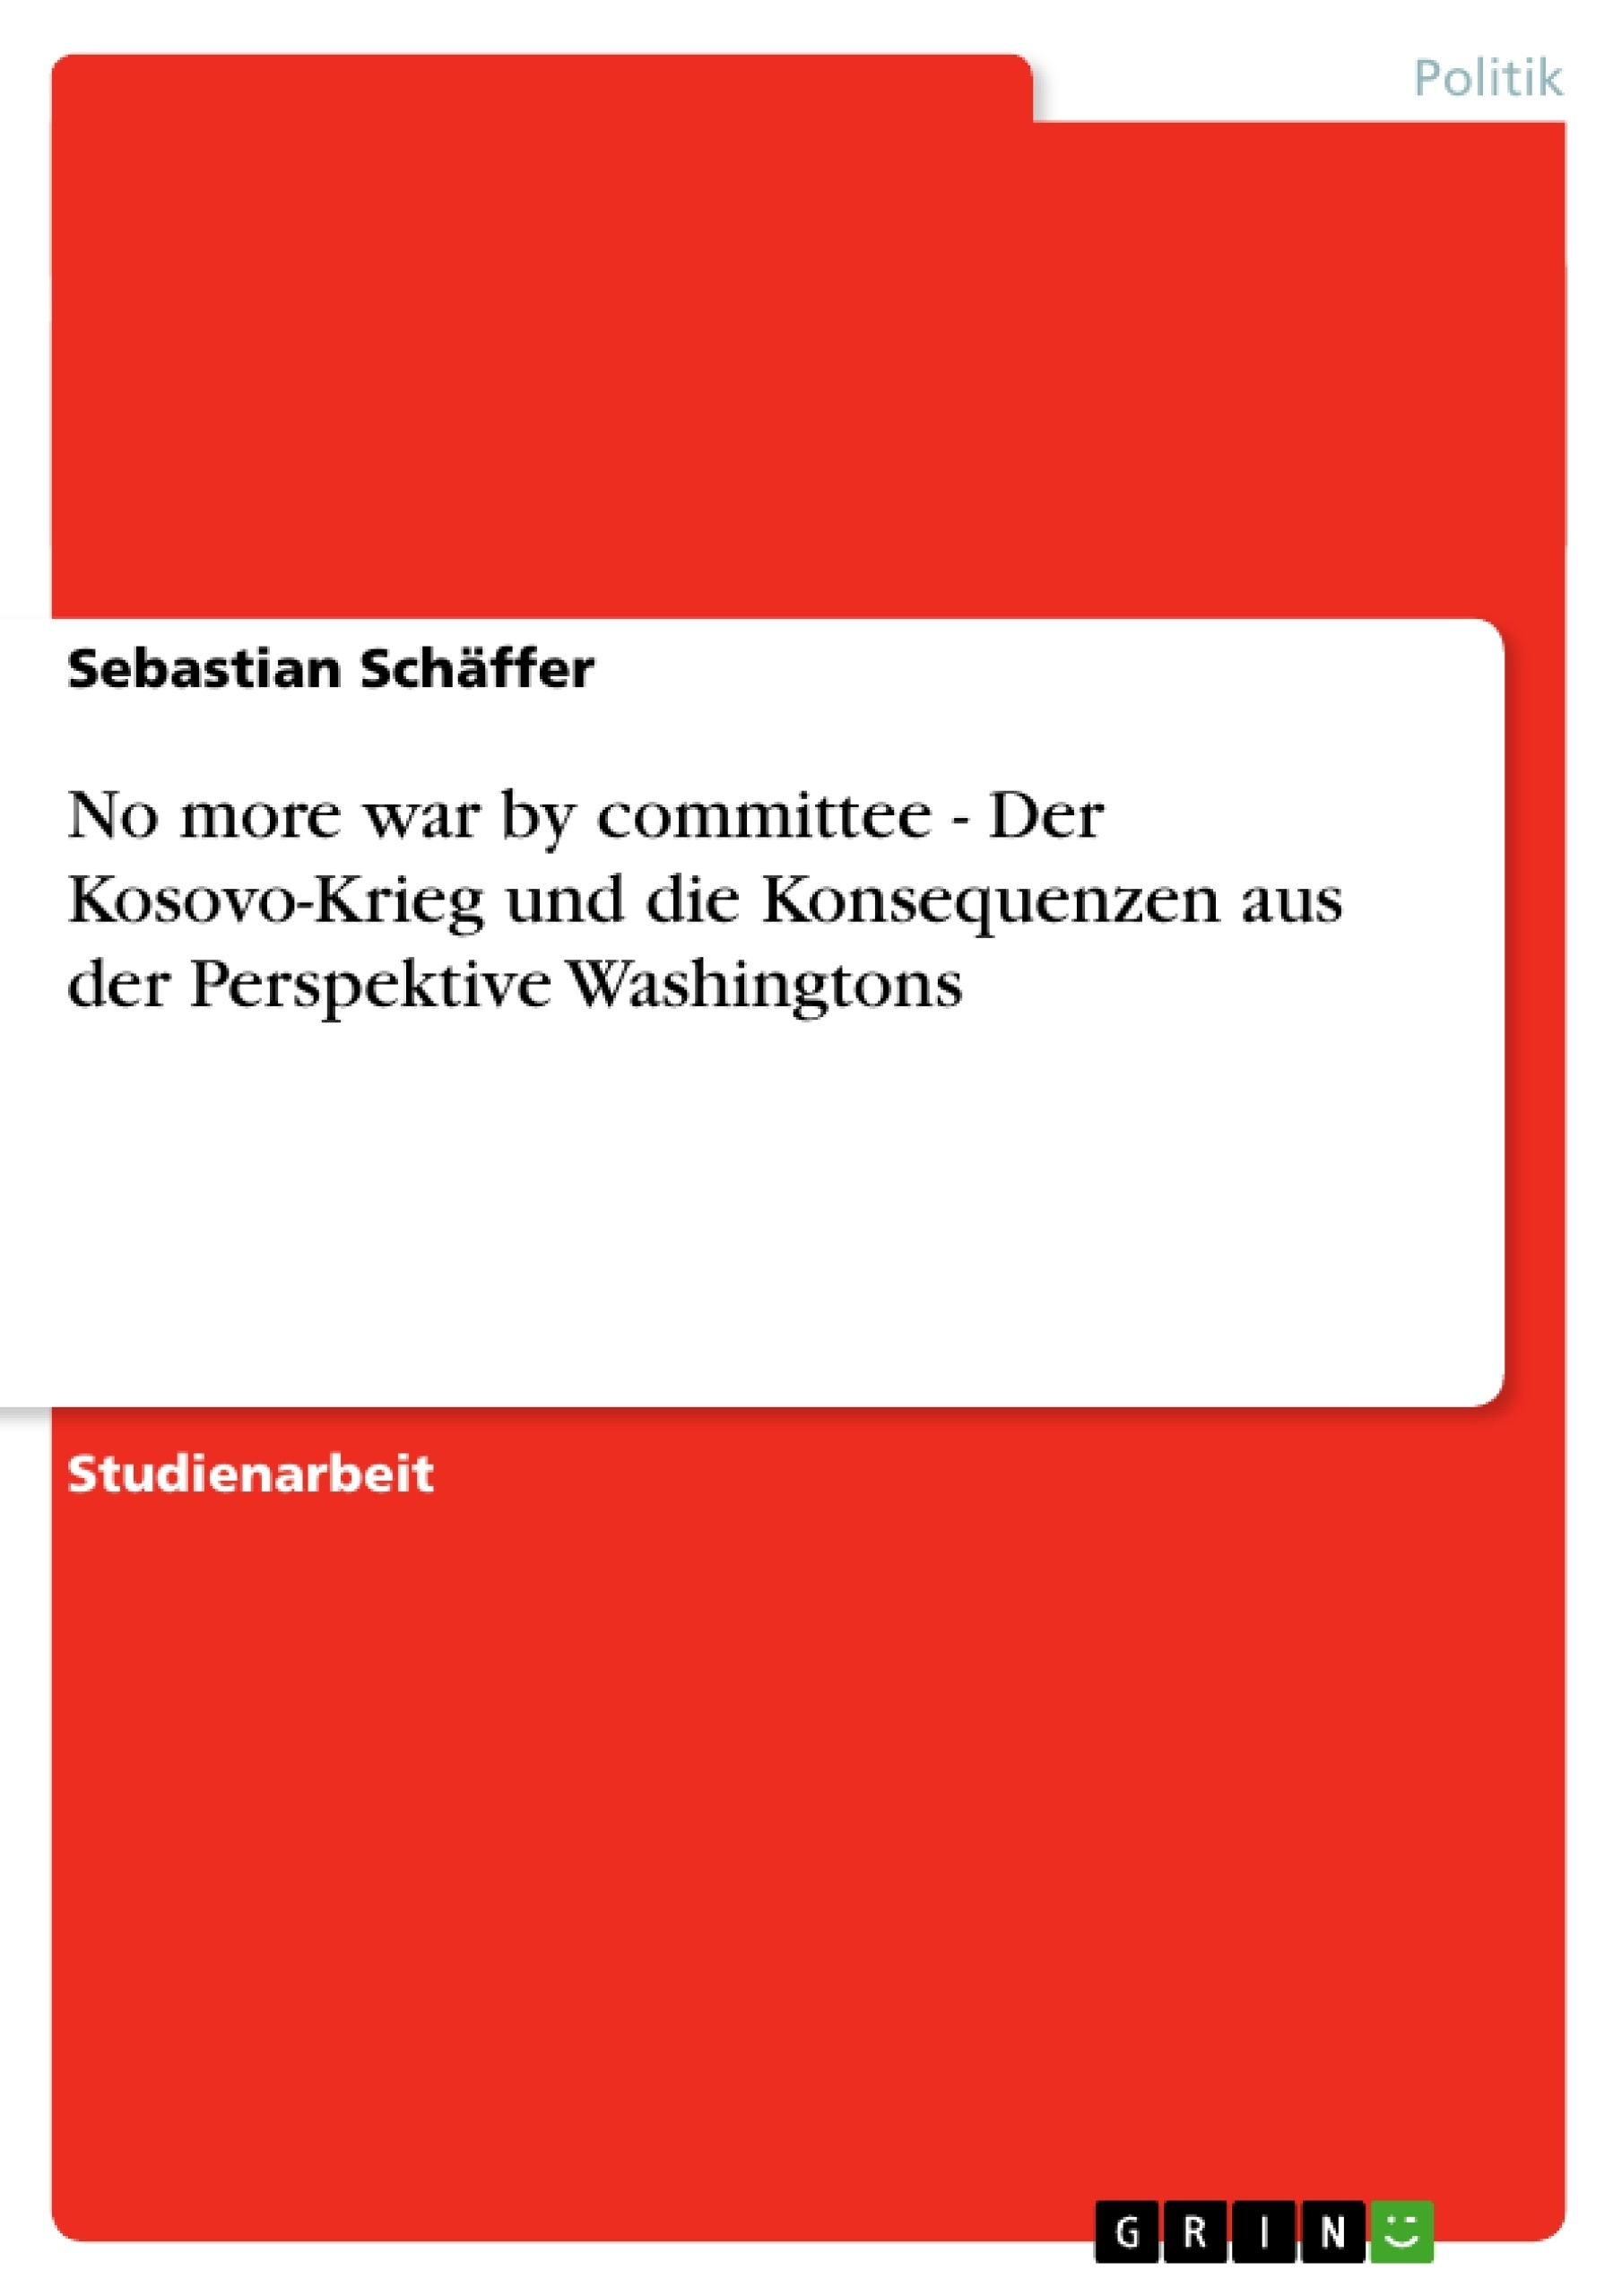 Titel: No more war by committee - Der Kosovo-Krieg und die Konsequenzen aus der Perspektive Washingtons